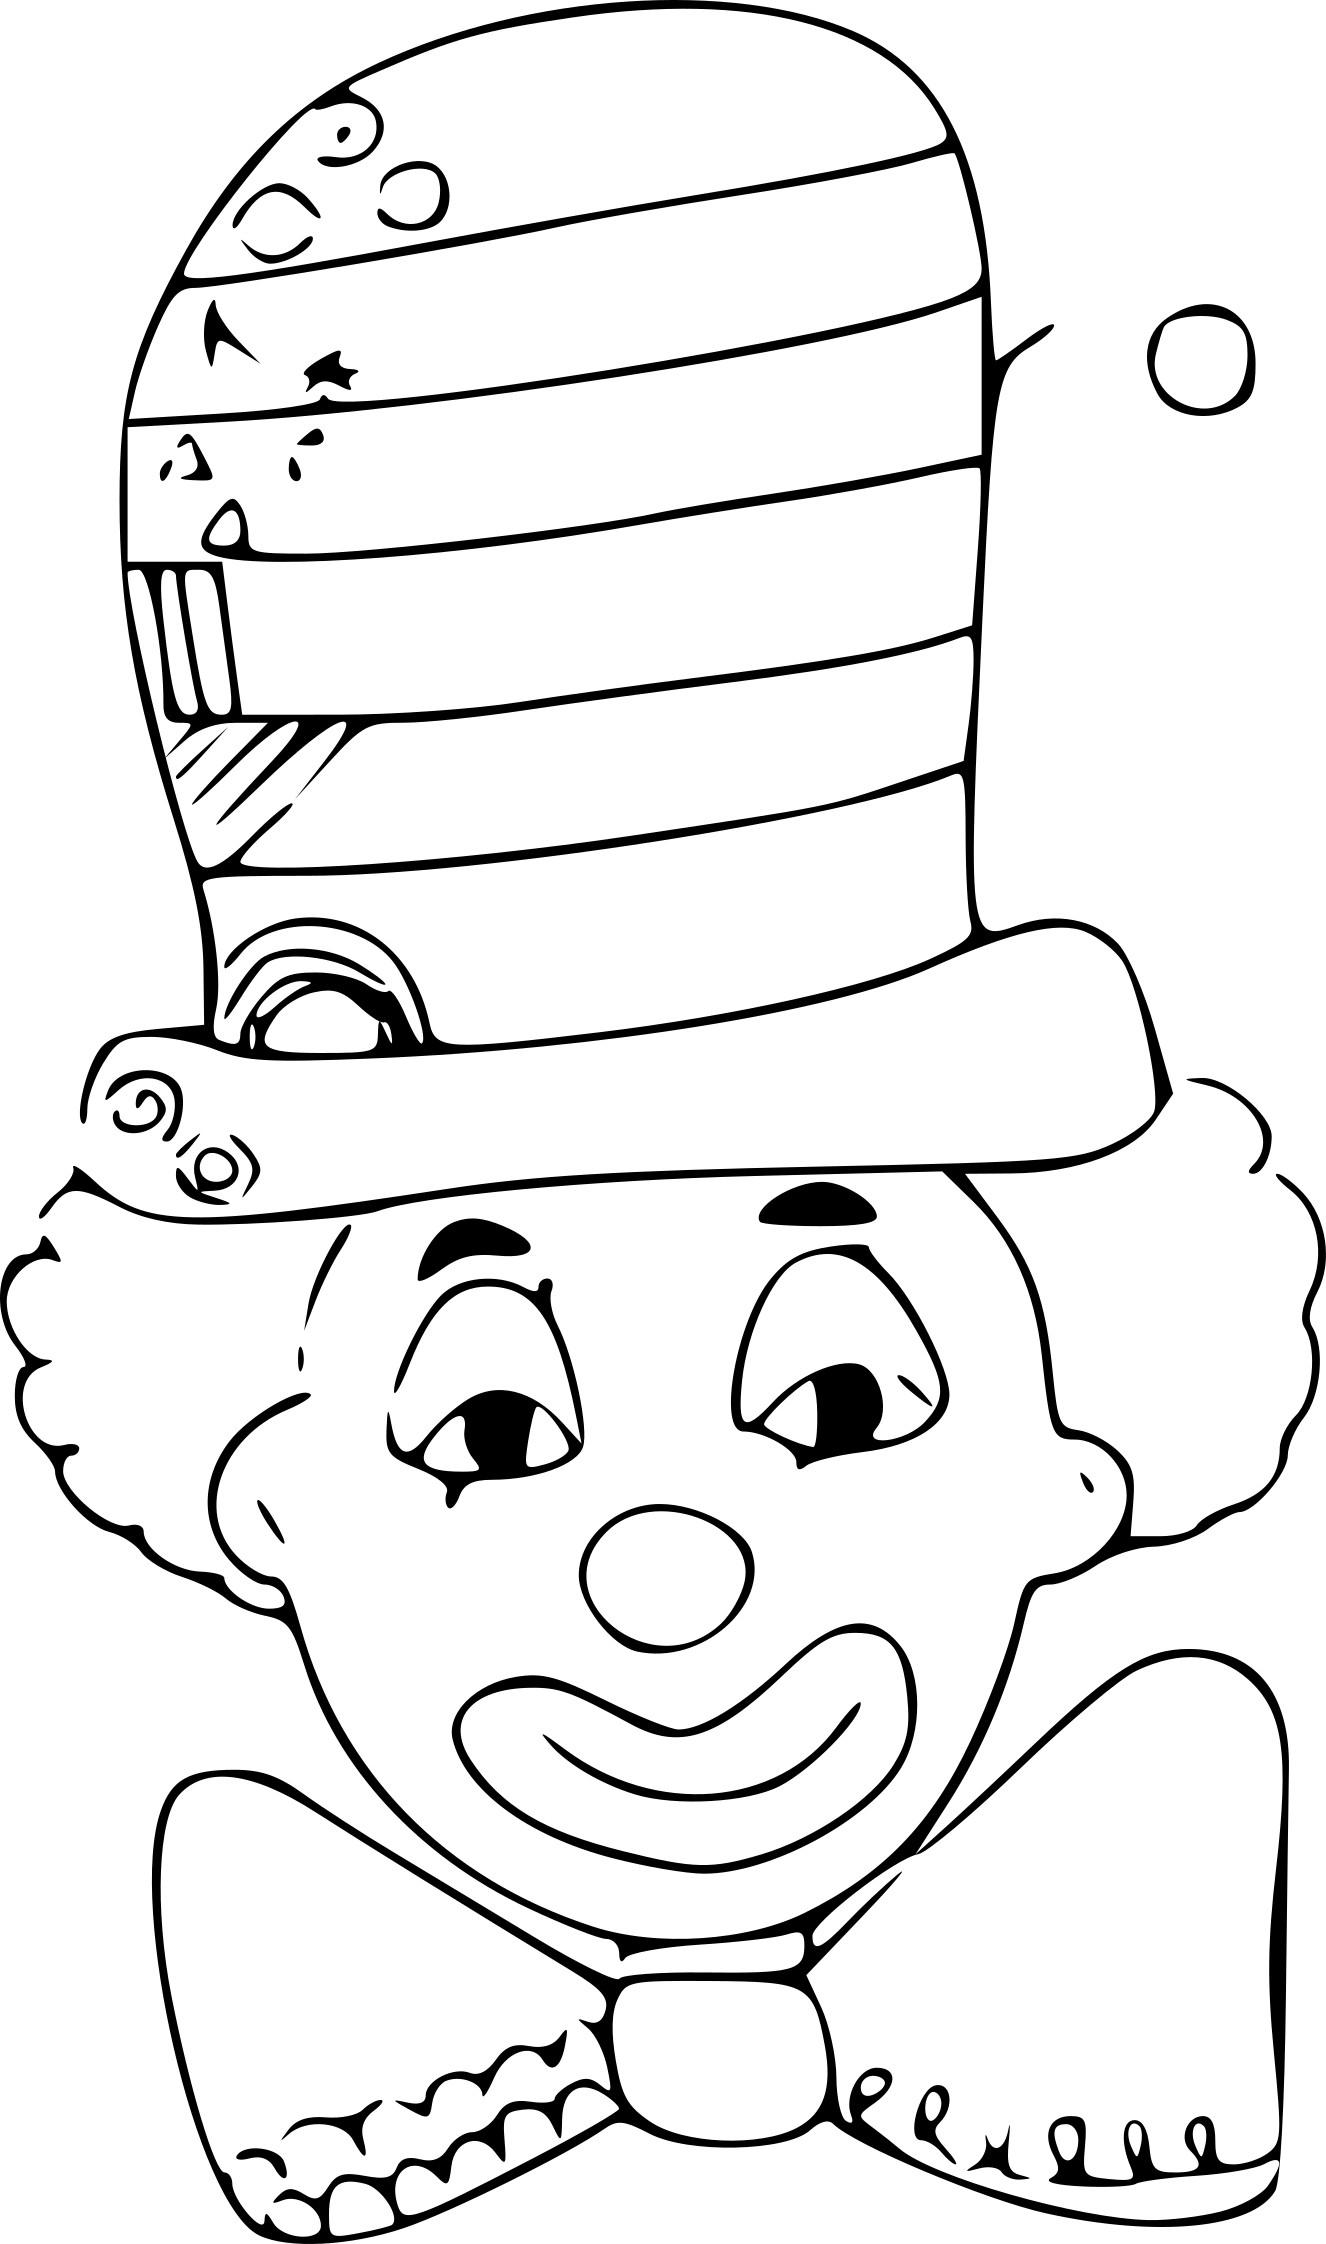 Coloriage Clown Chapeau Dessin À Imprimer Sur Coloriages concernant Coloriage Tete De Clown